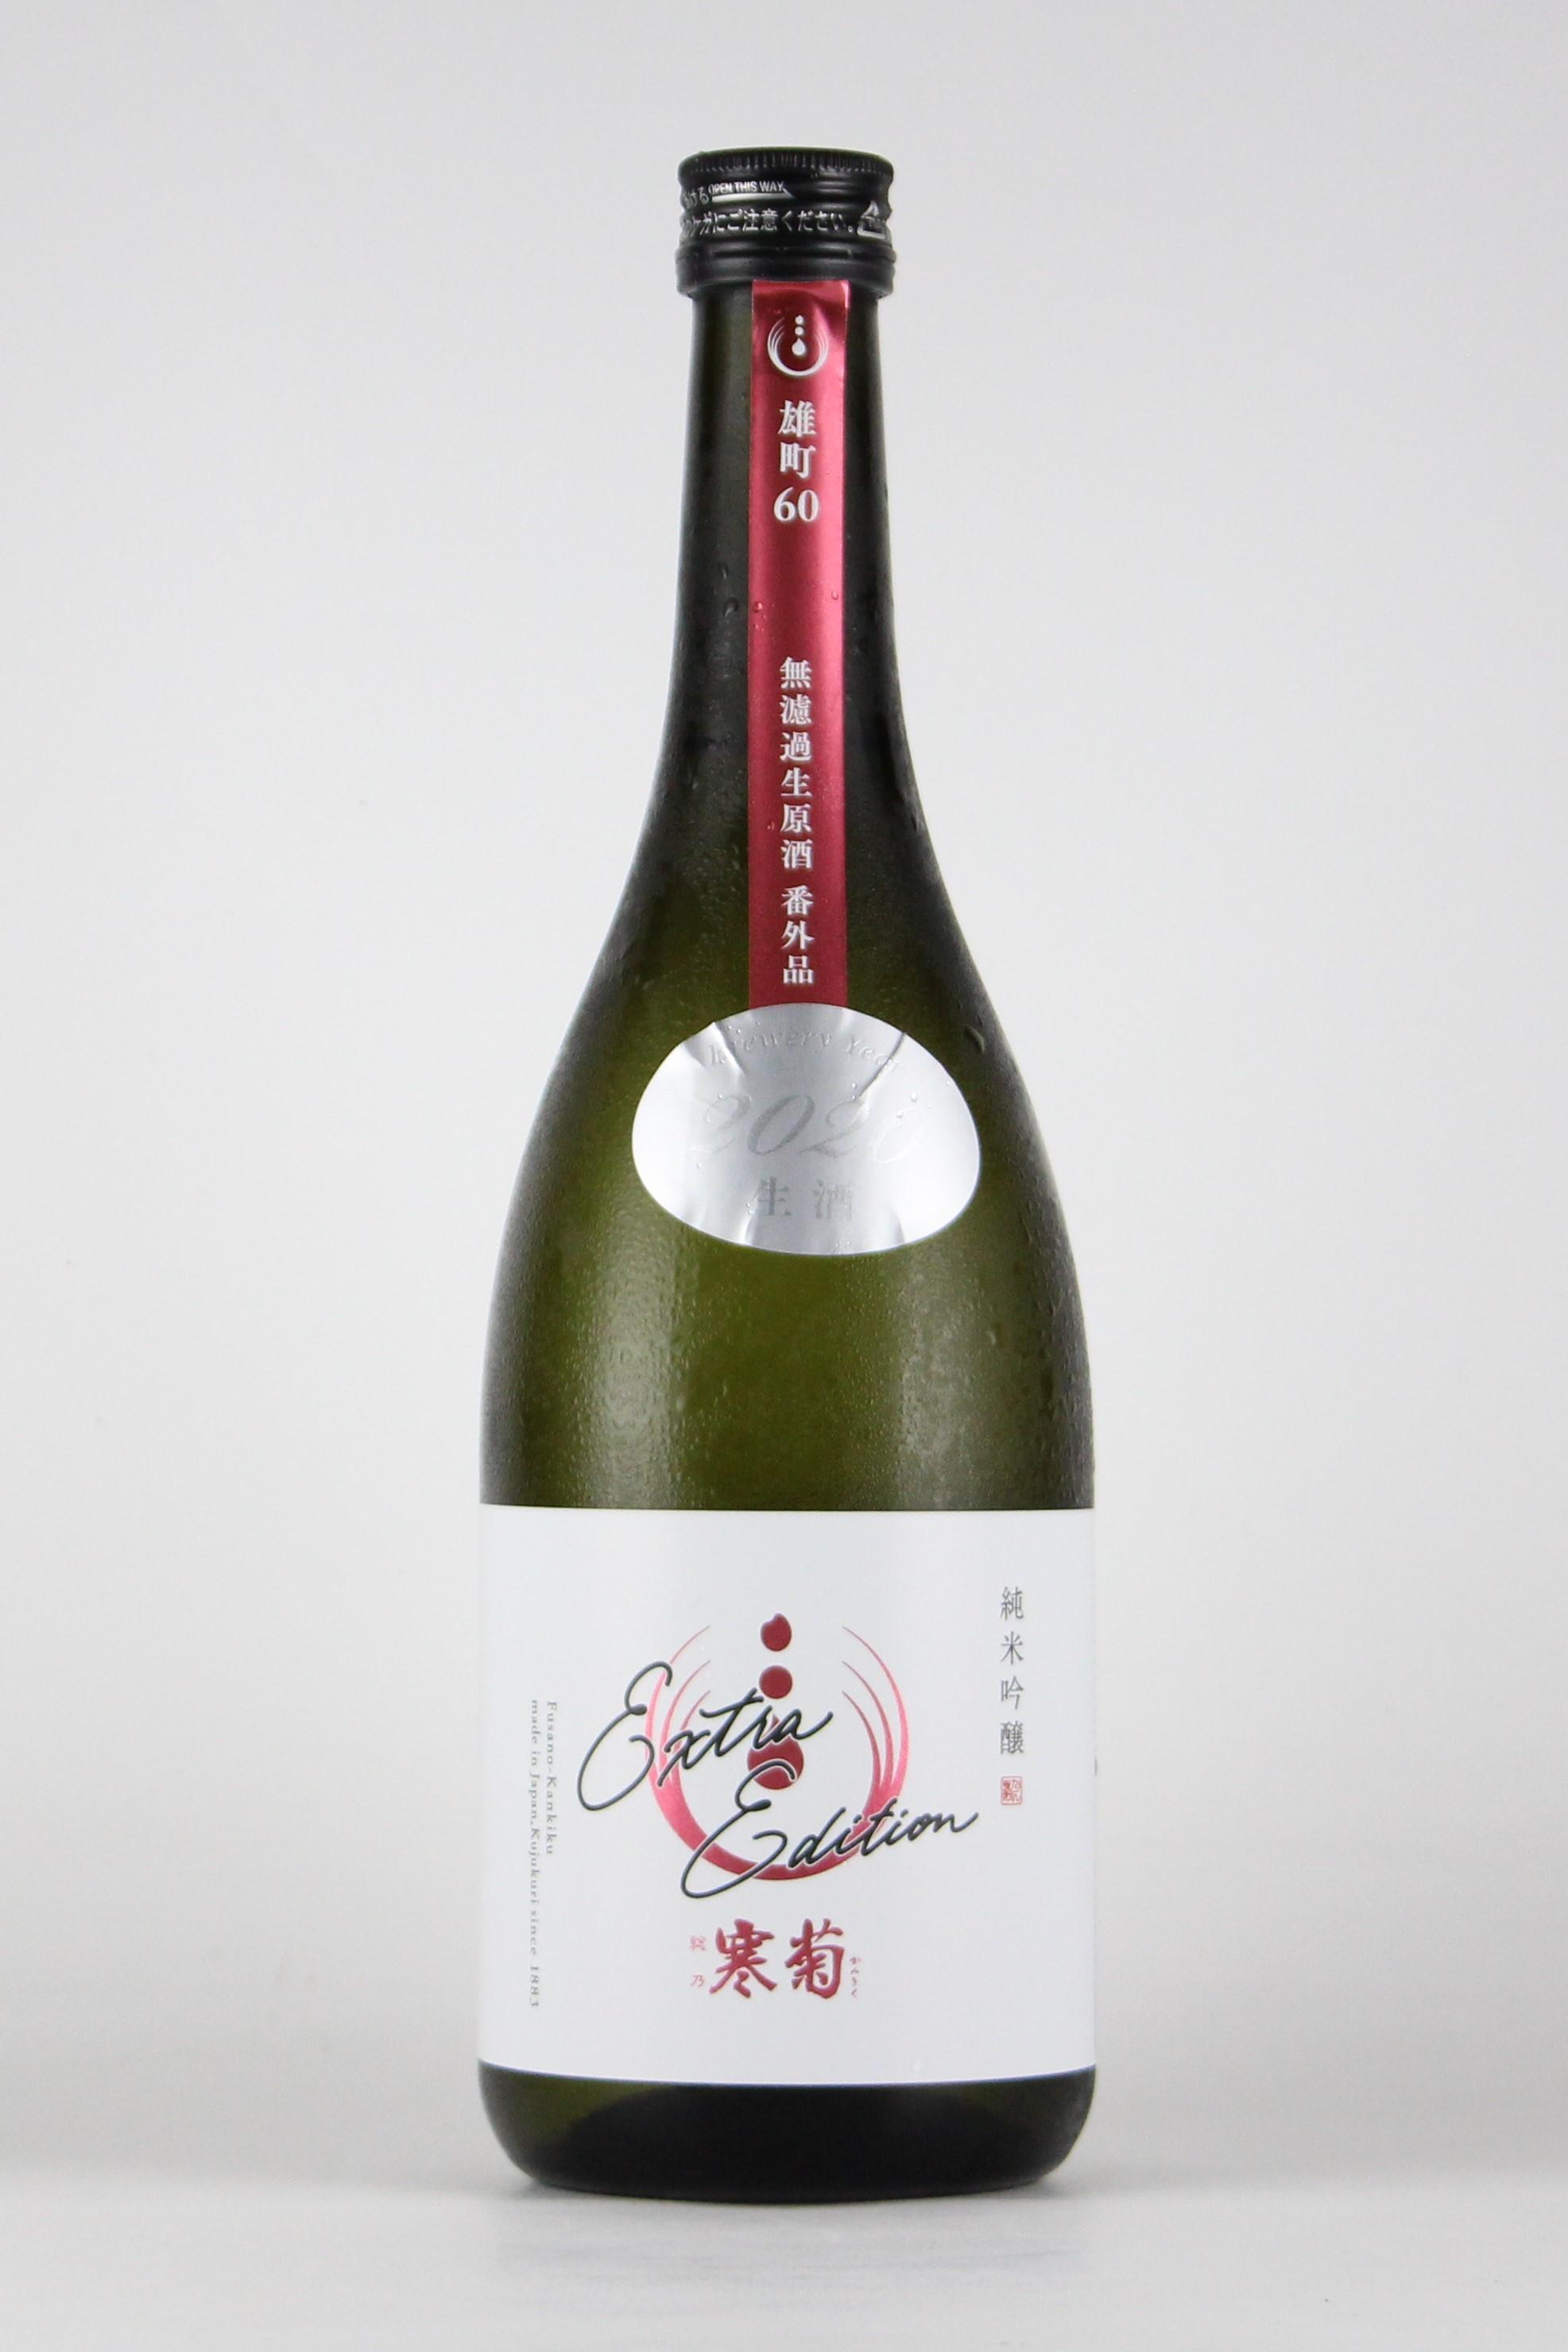 寒菊2020 番外品 純米吟醸無濾過生原酒 雄町60 720ml 【千葉/寒菊銘醸】